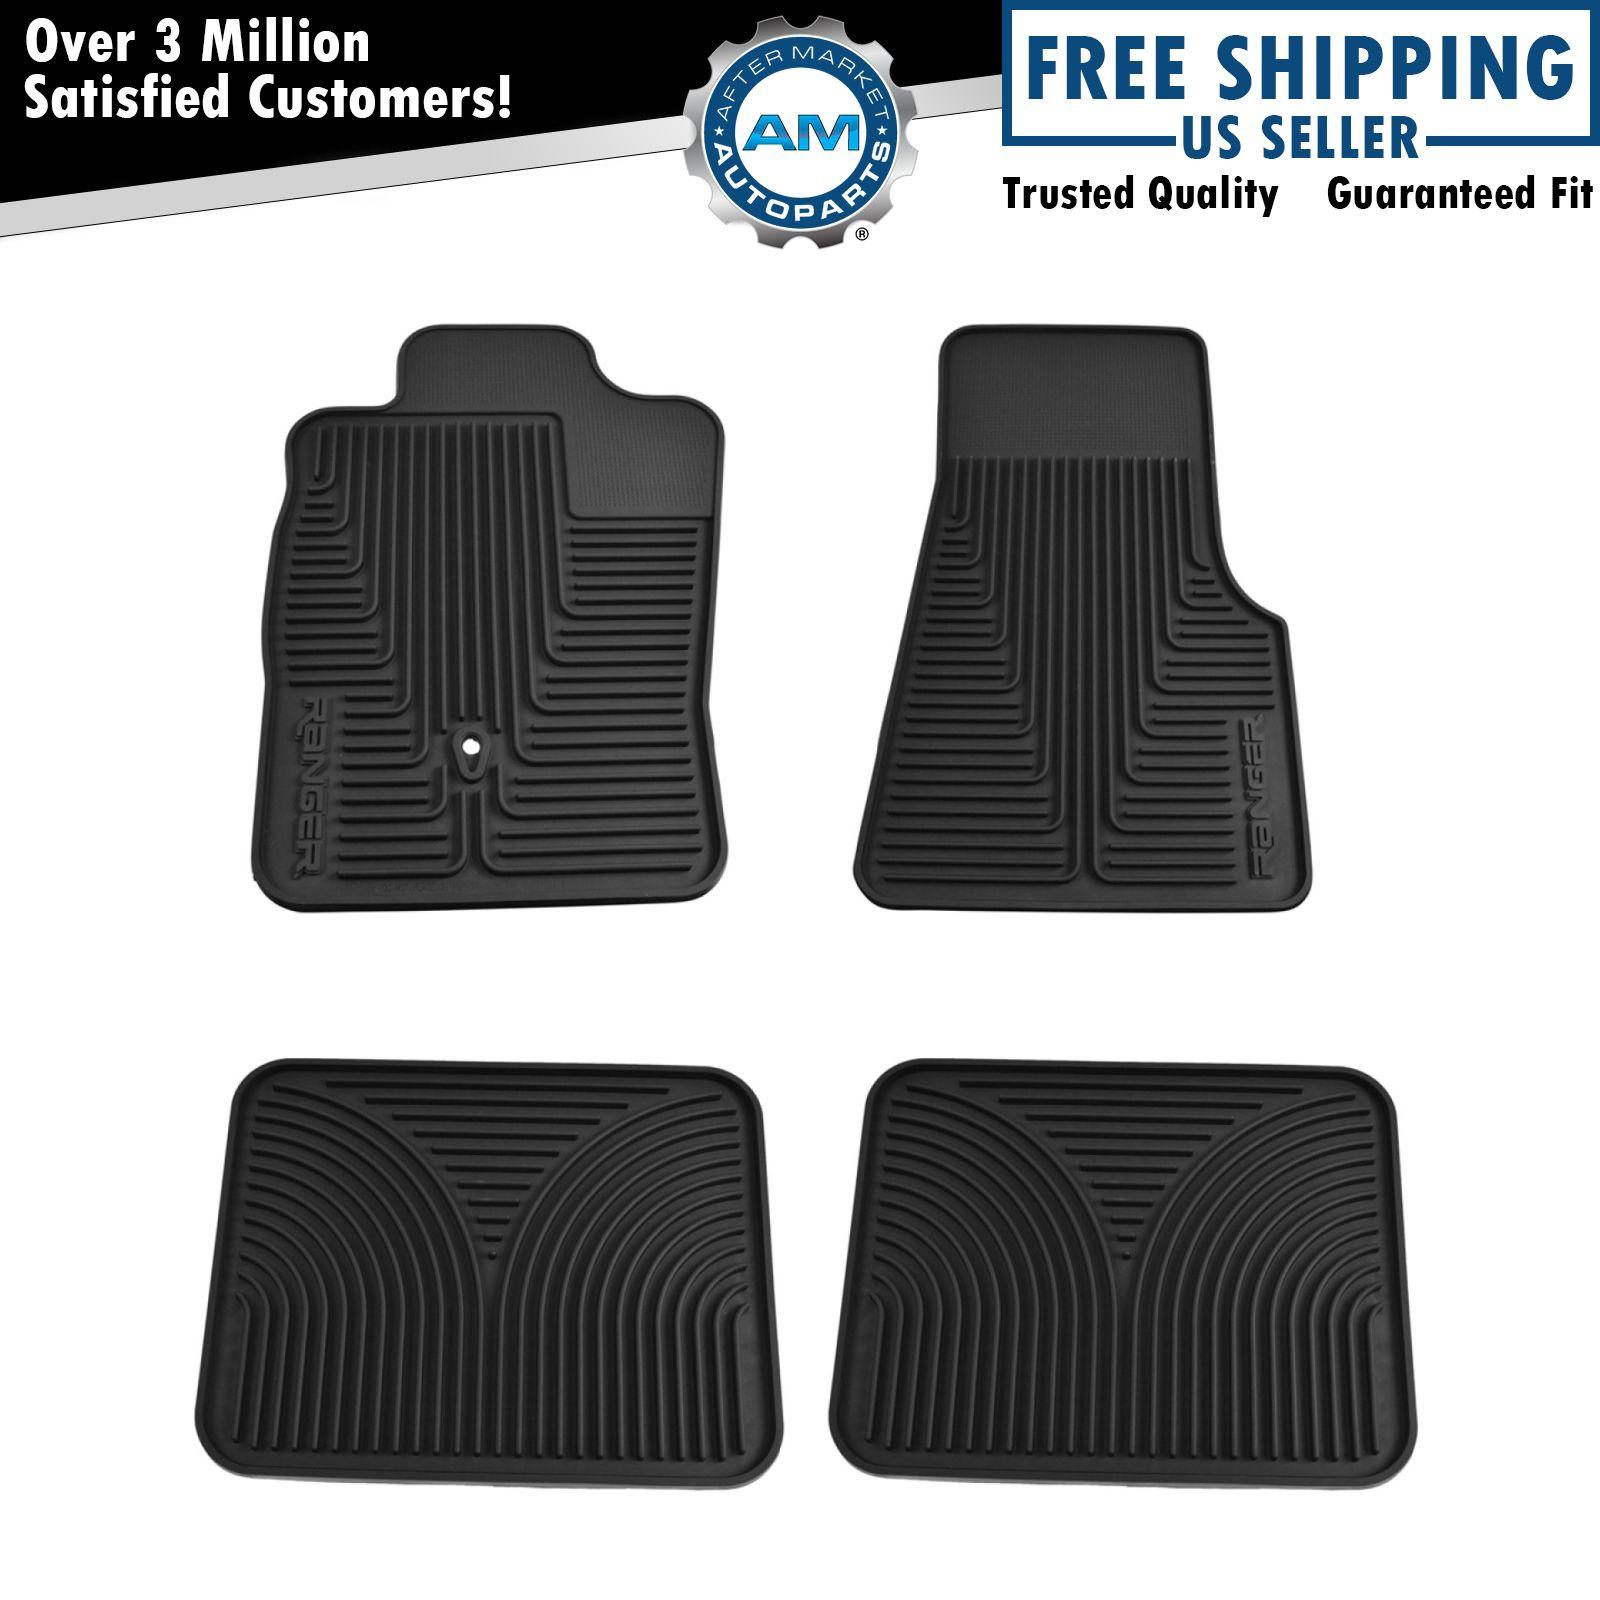 oem all weather black rubber floor mats front rear set. Black Bedroom Furniture Sets. Home Design Ideas